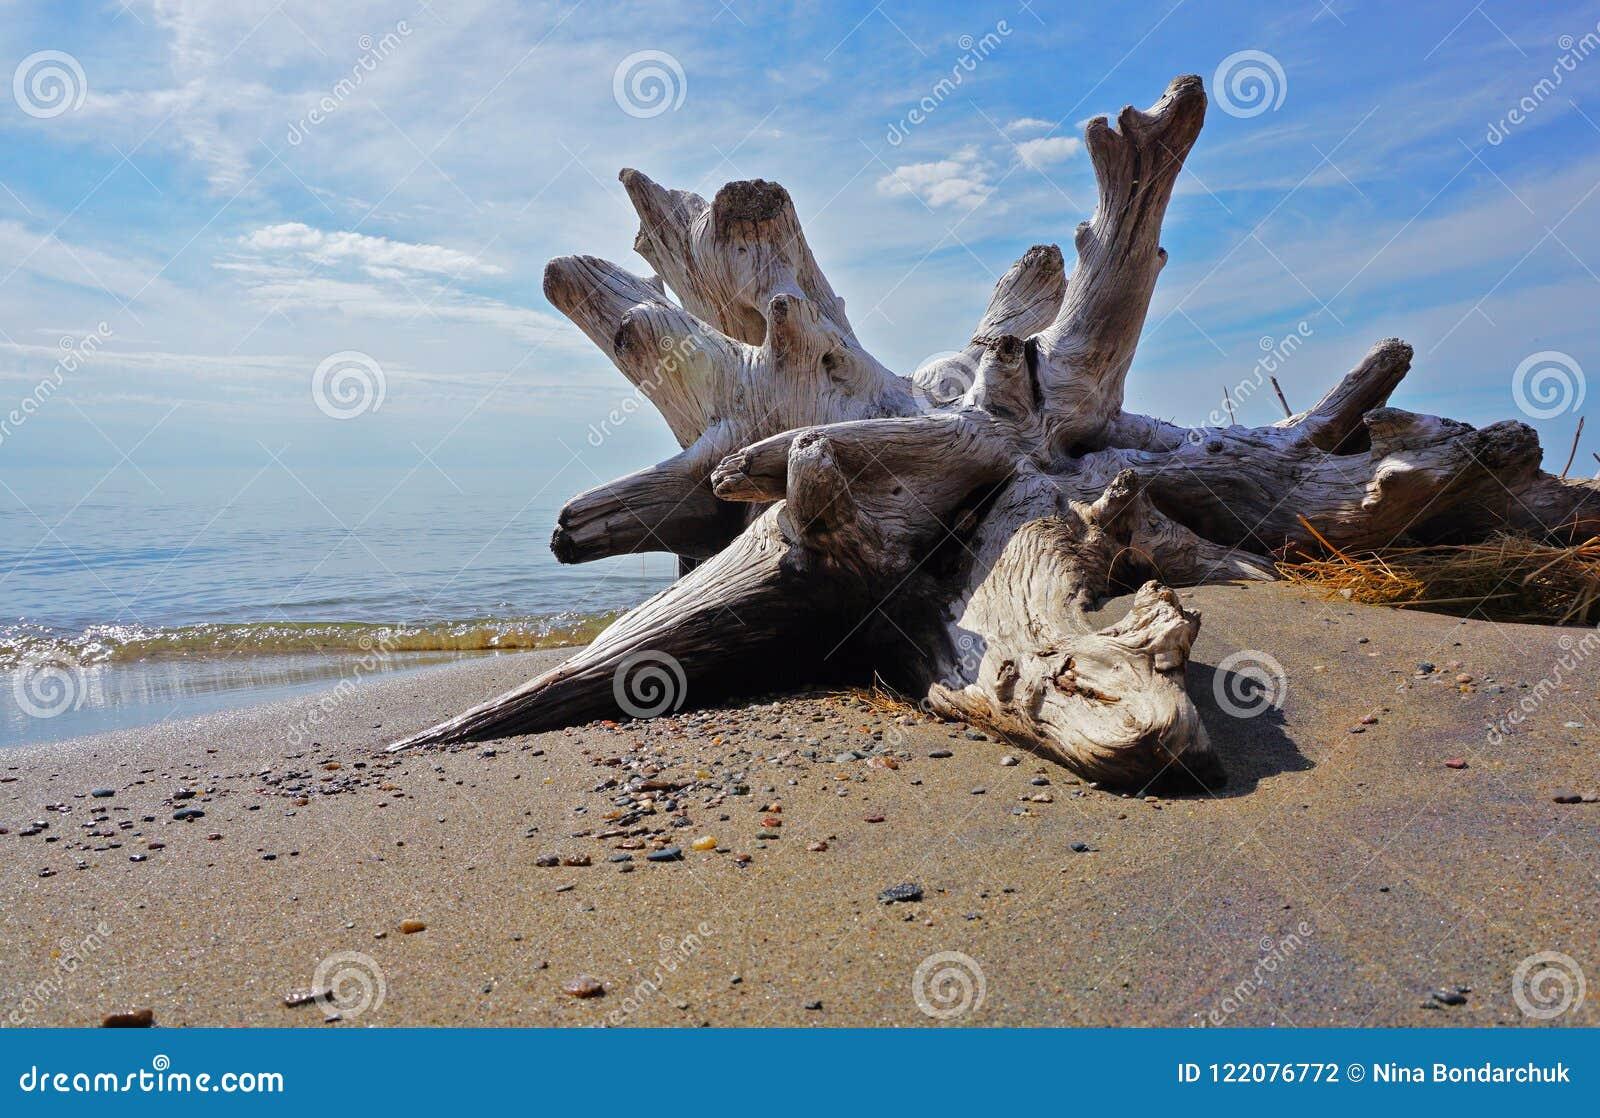 漂流木头、天空、水和沙子